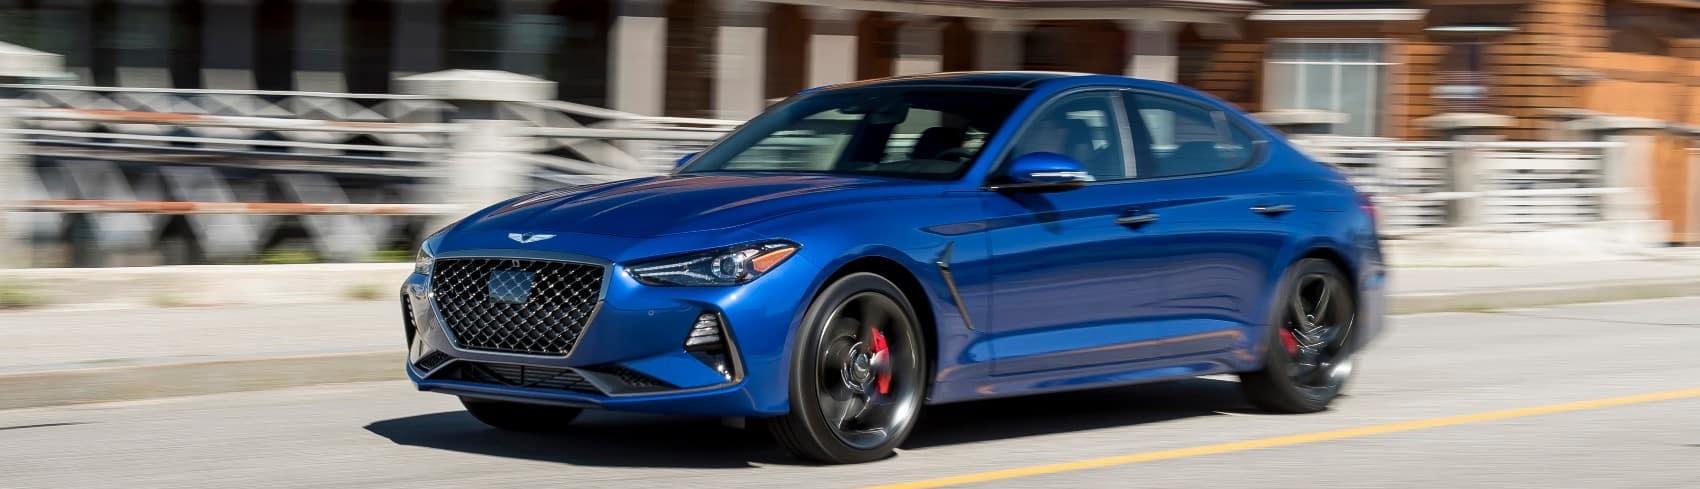 Genesis G70 vs Lexus IS